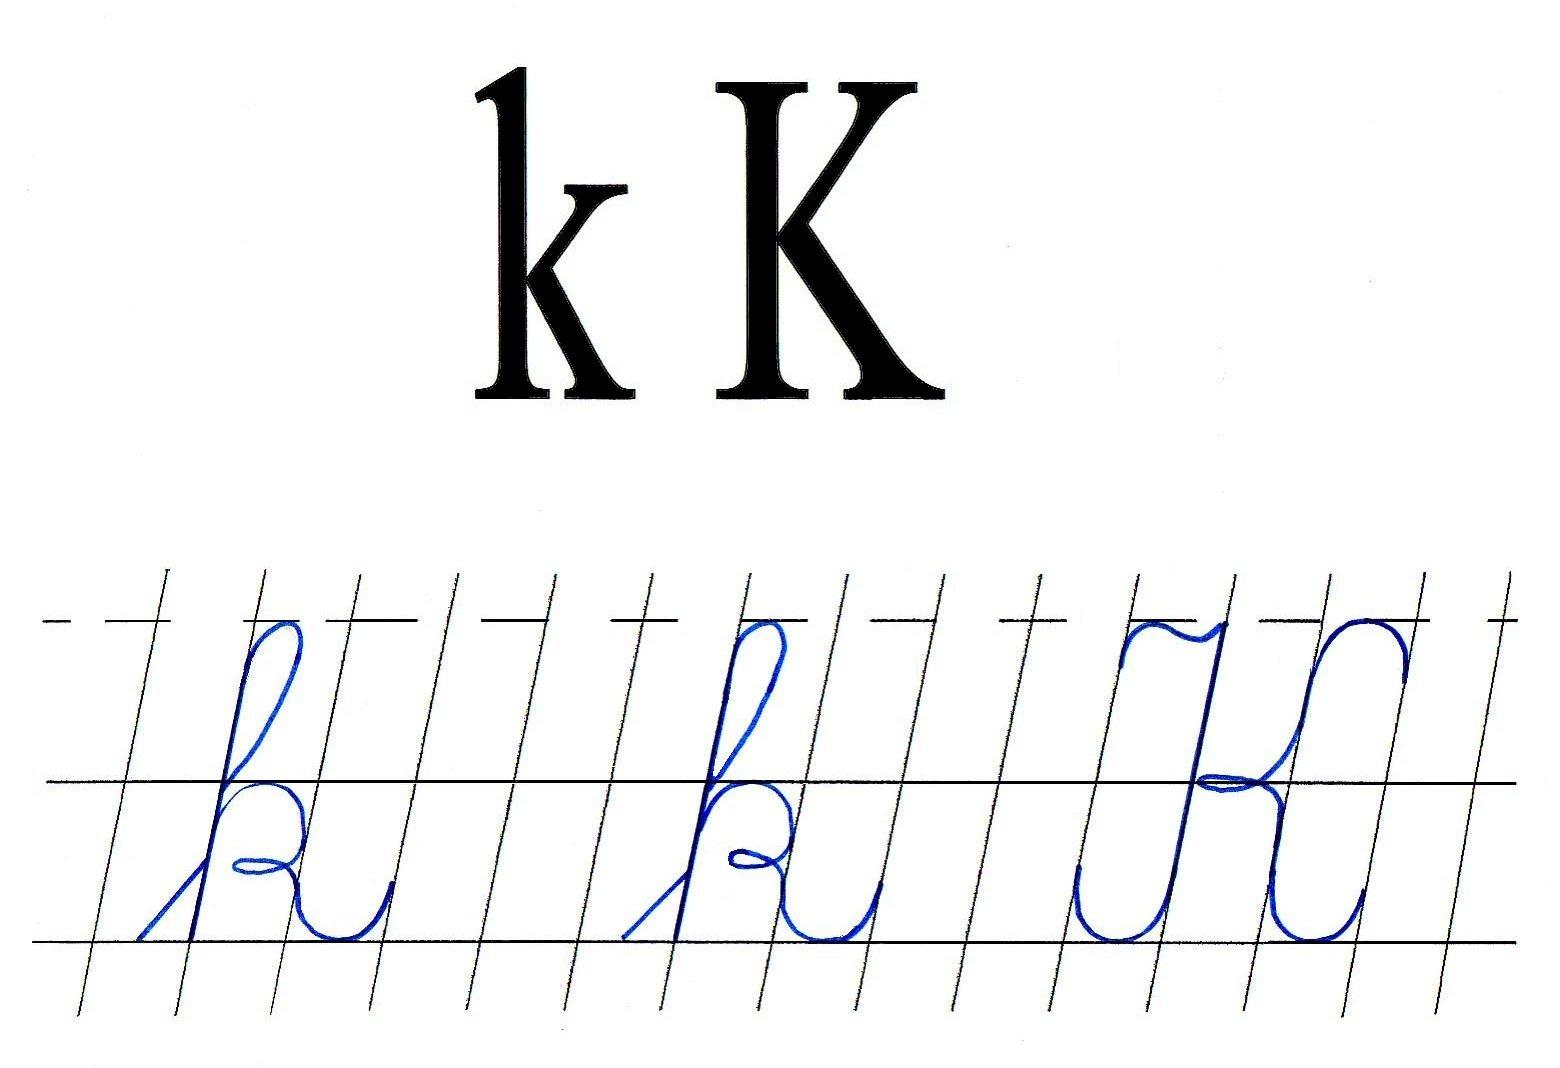 Literele K Mic Si K Mare De Mana Anideșcoalăro